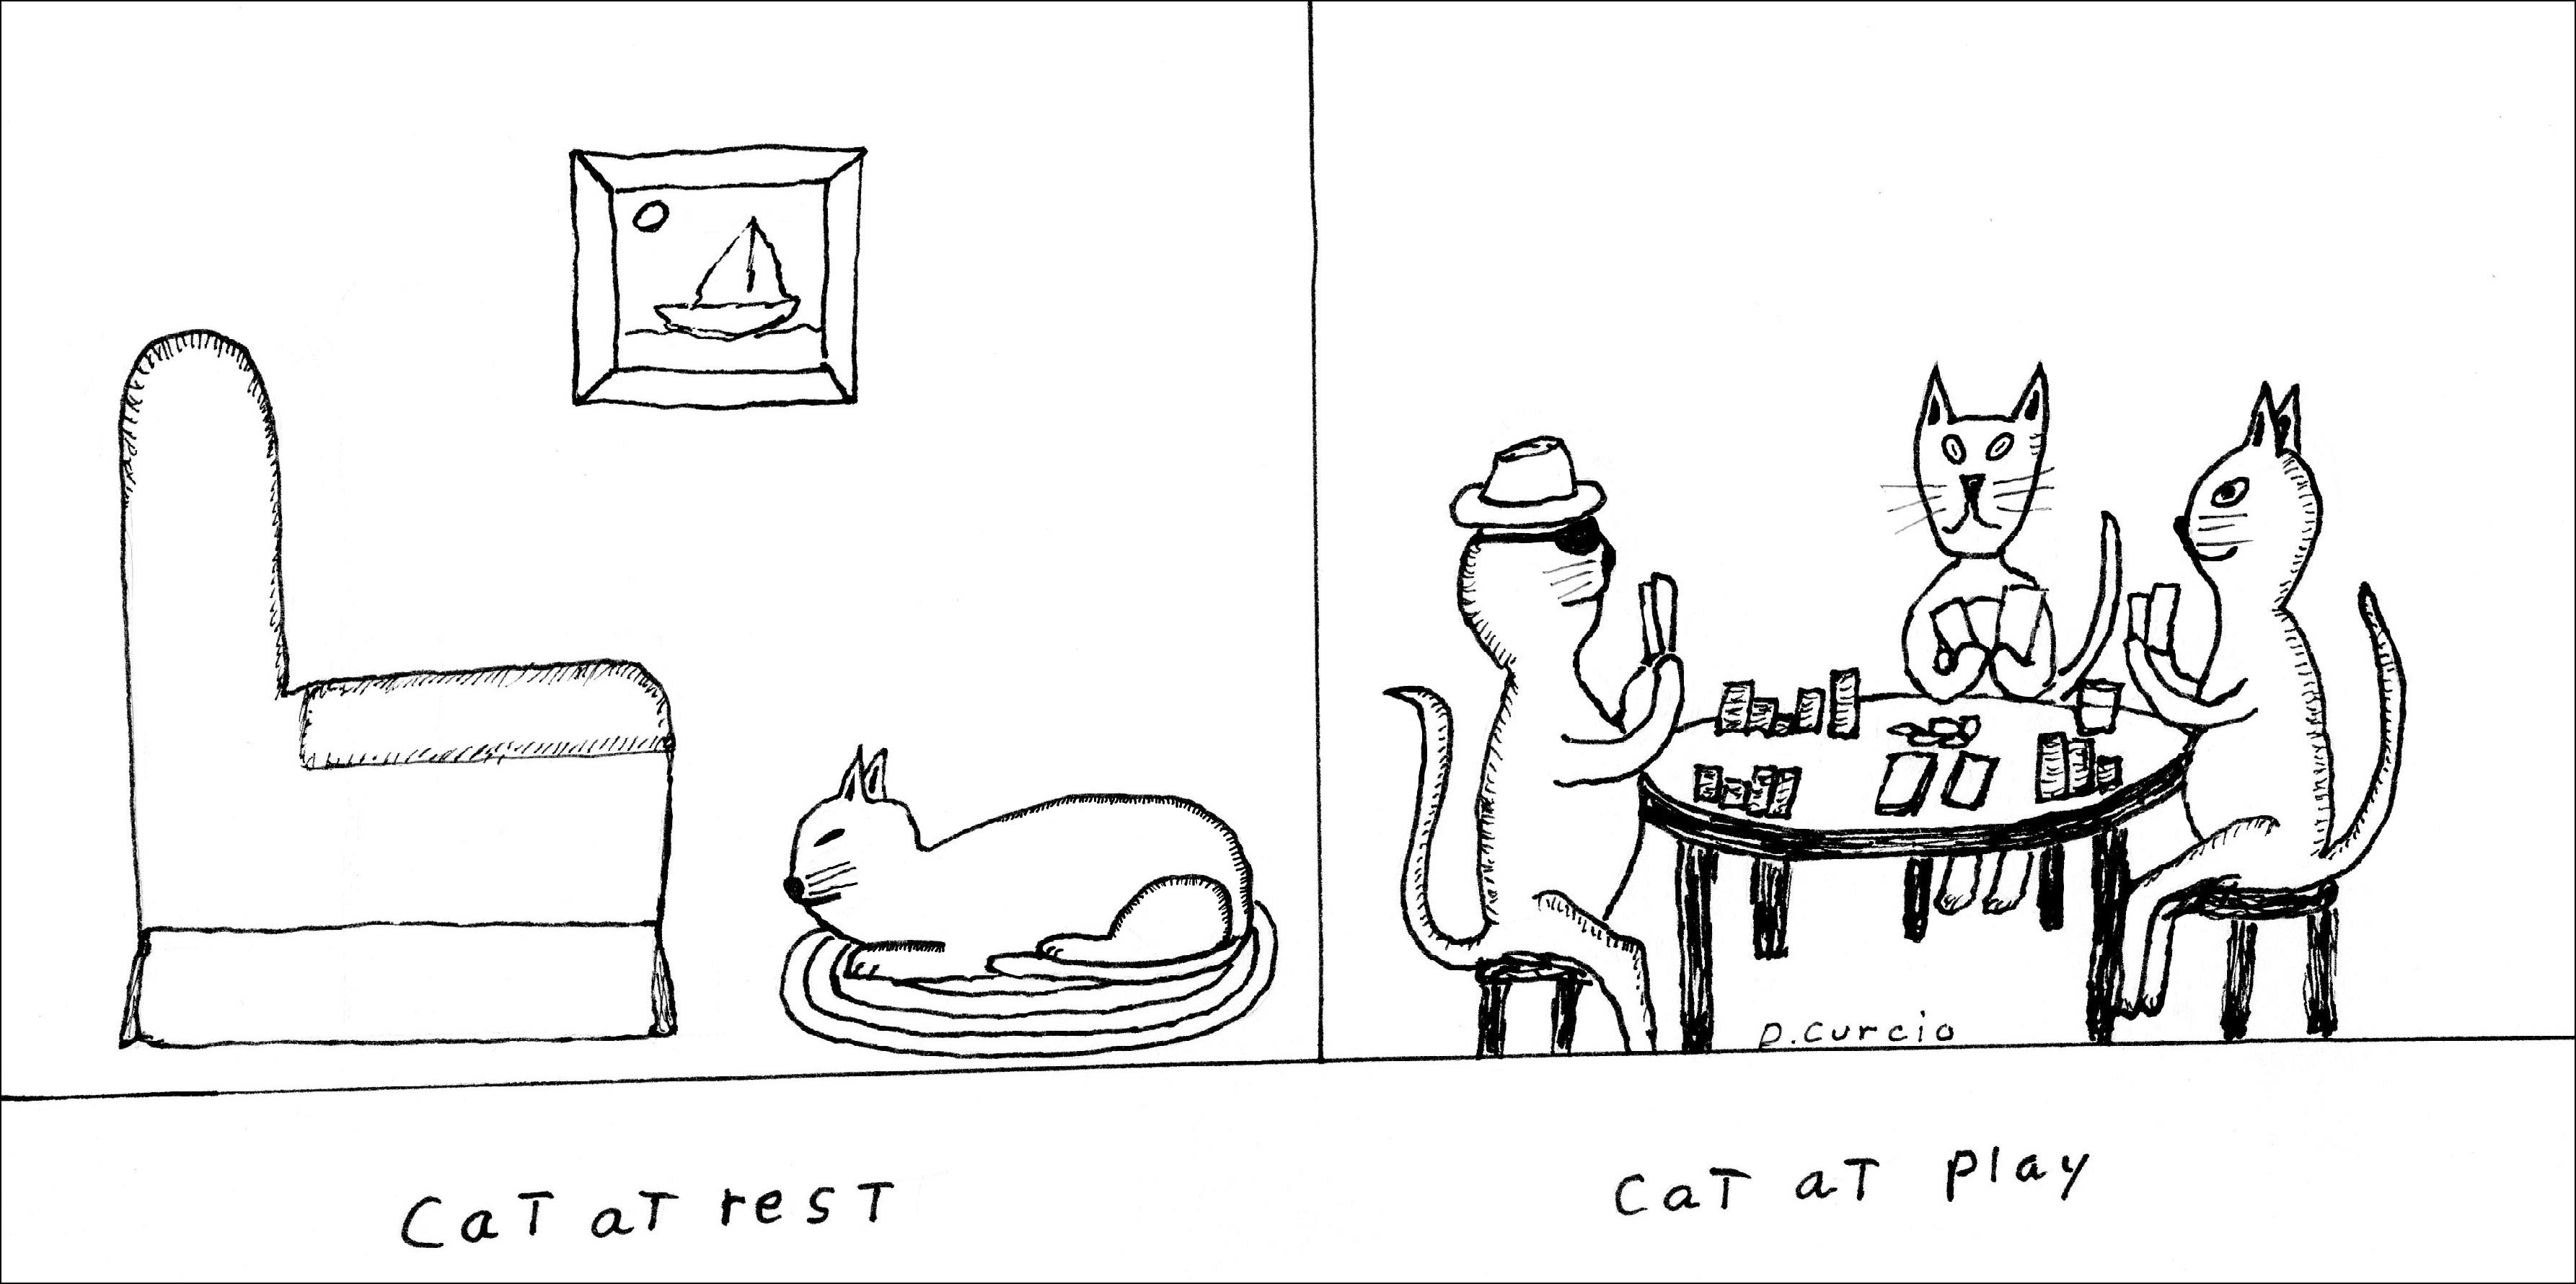 Cat At Play